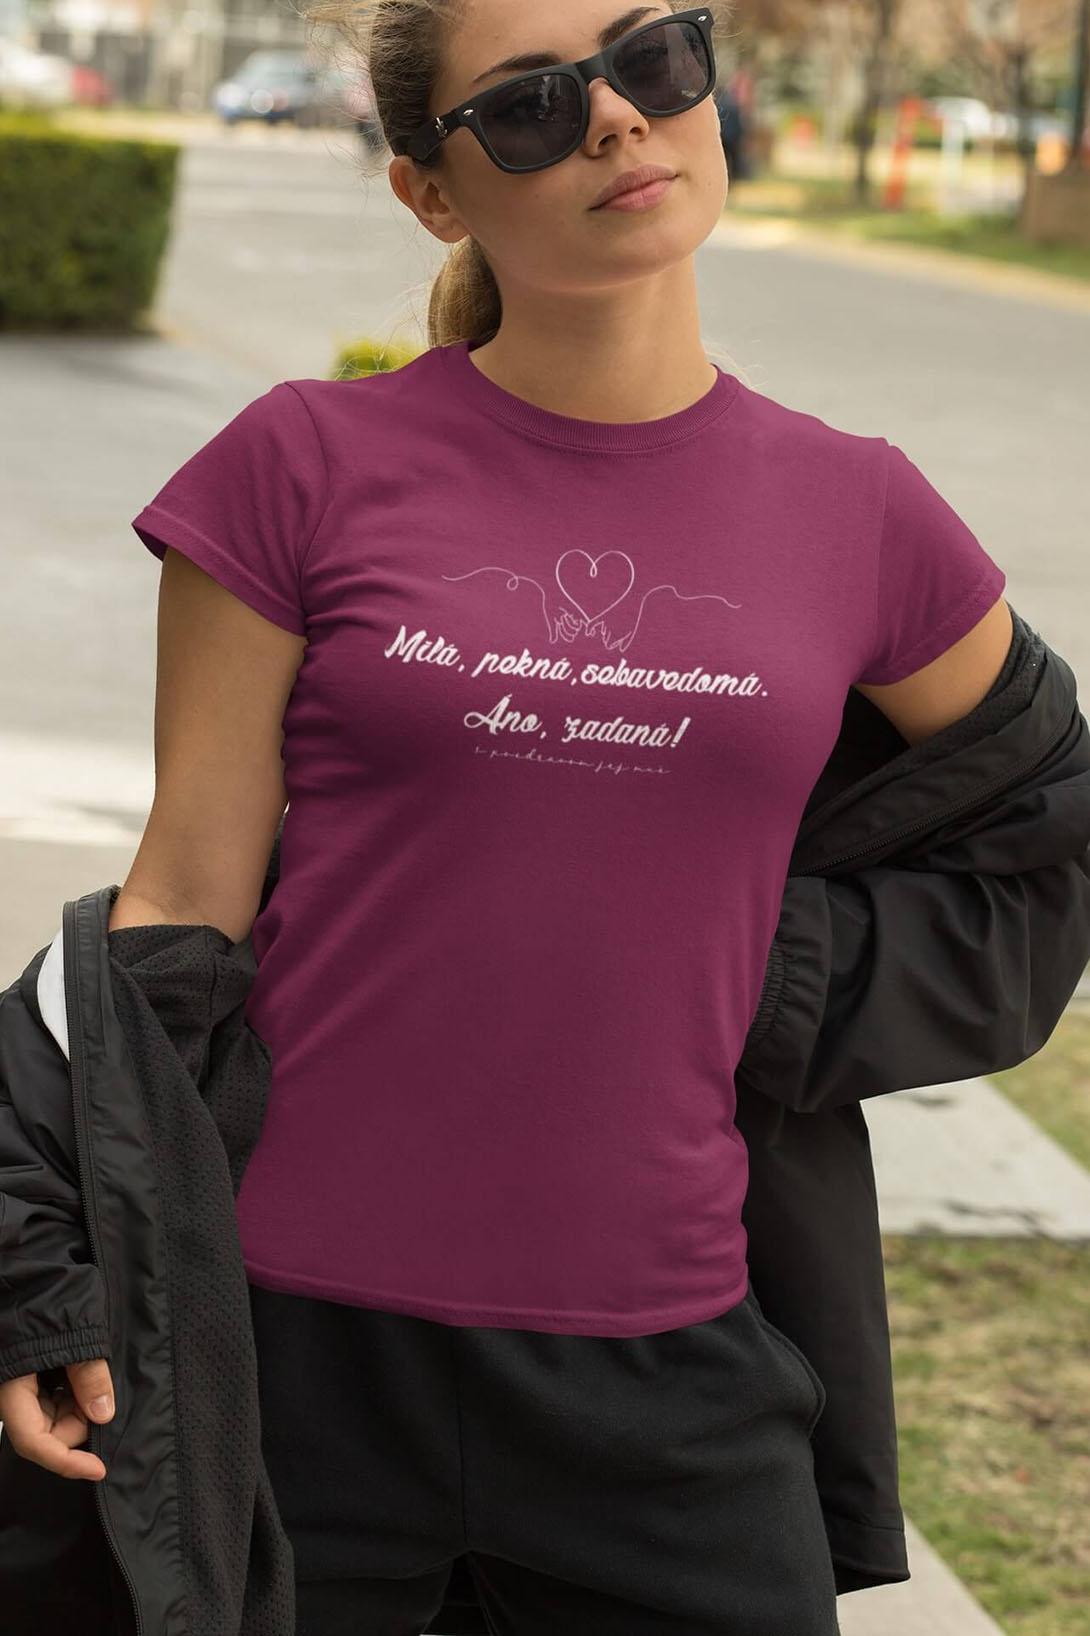 MMO Dámske tričko Milá, pekná, sebavedomá Vyberte farbu: Fuchsiovo červená, Vyberte veľkosť: M